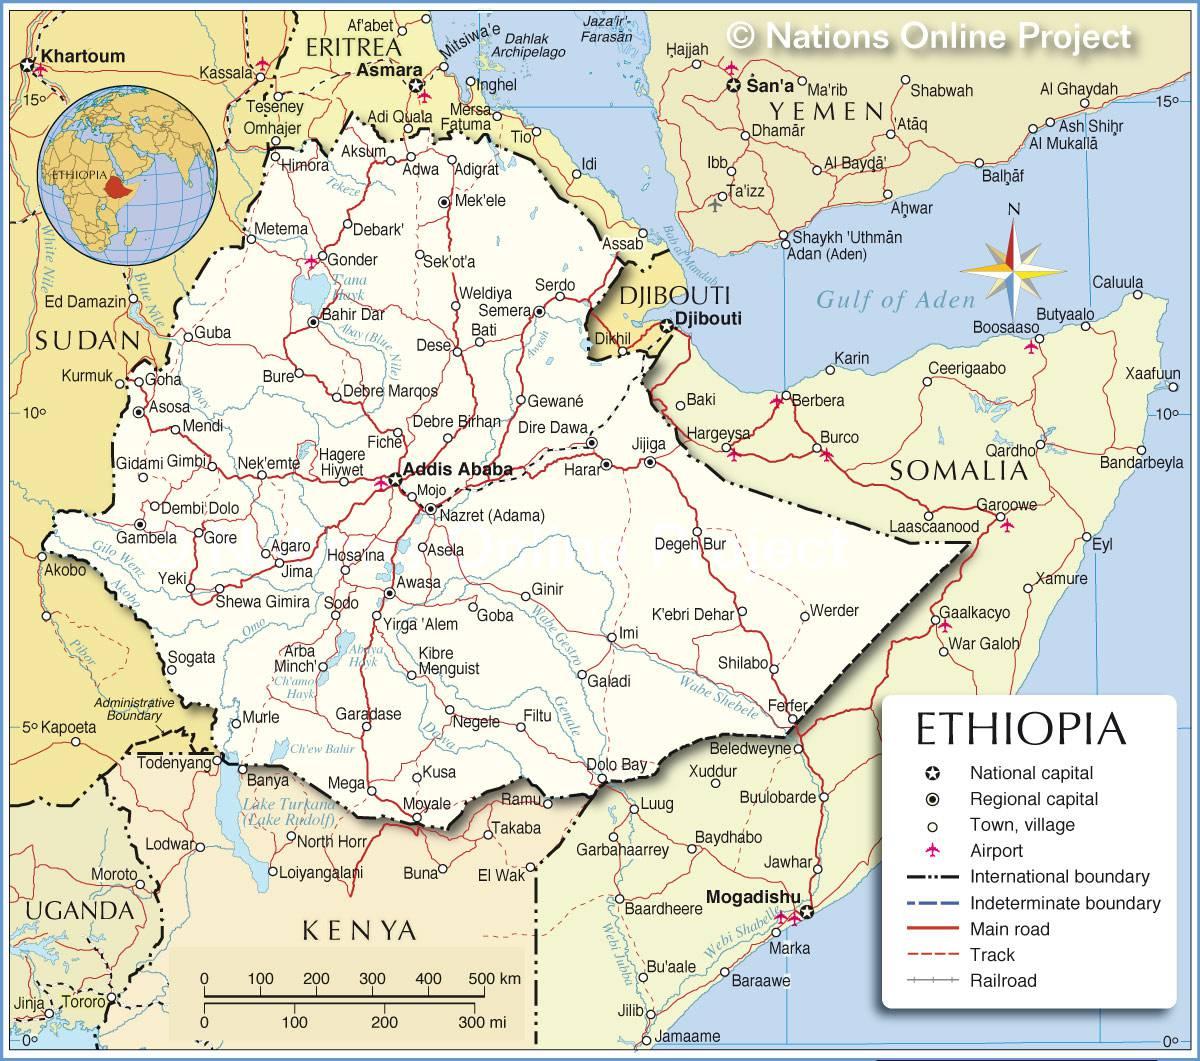 Carte géographique de l'Ethiopie